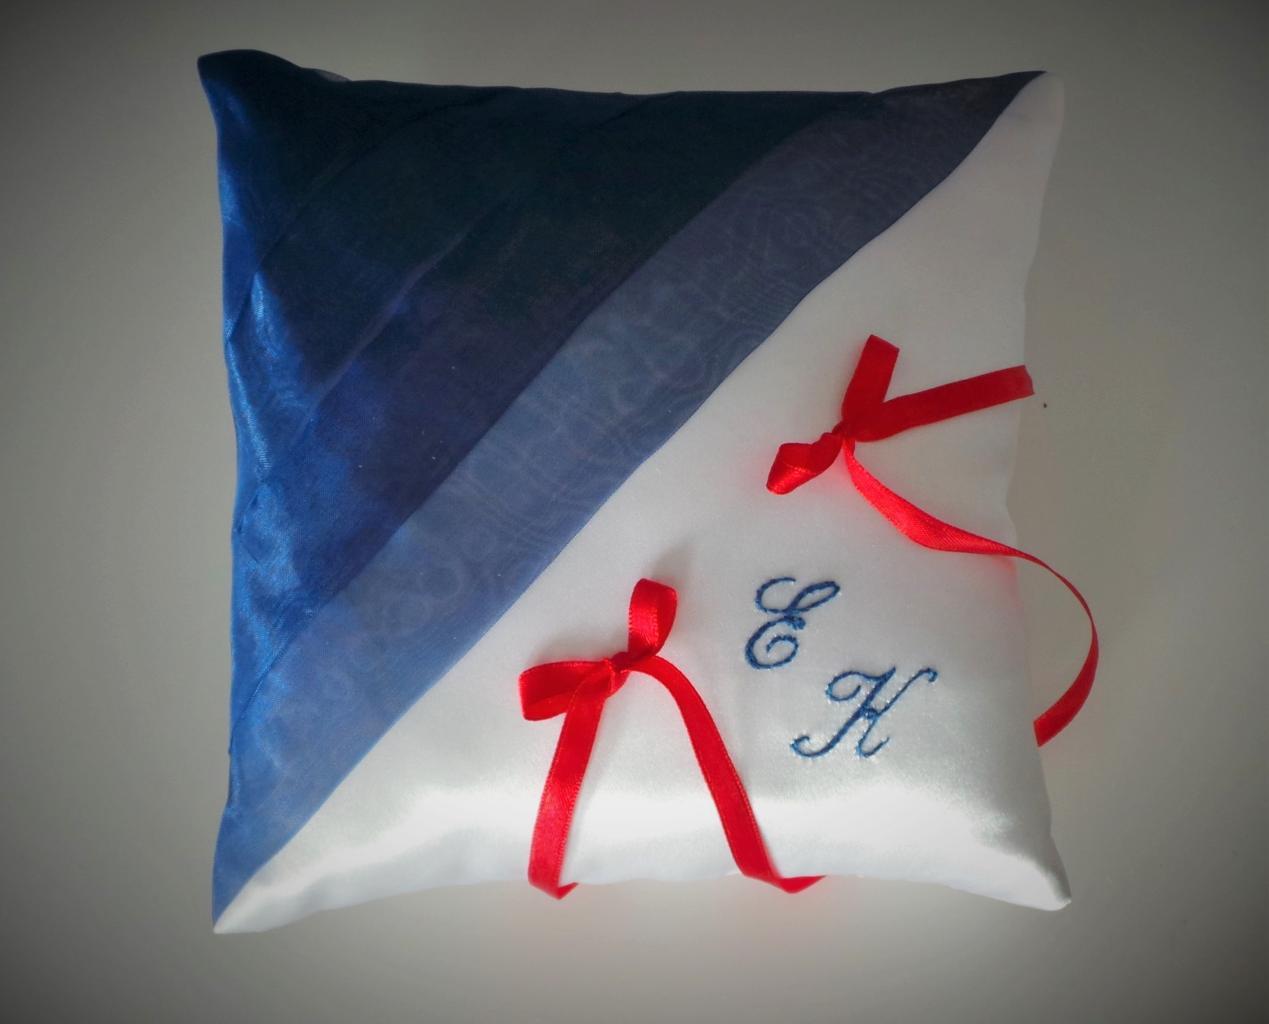 coussin alliances bleu et rouge(5)